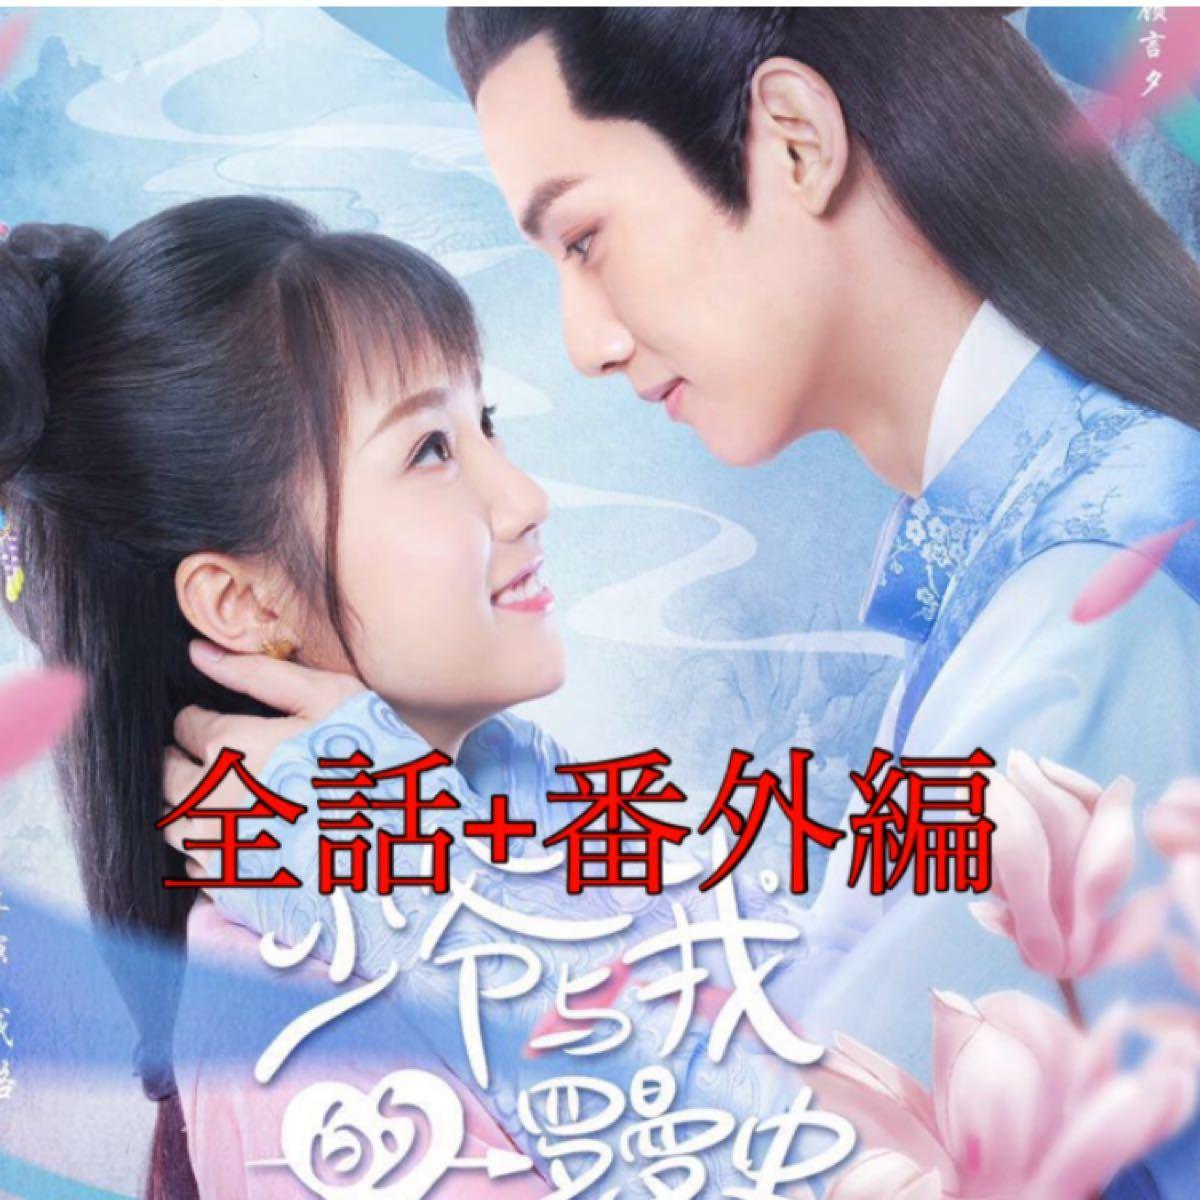 中国ドラマ おぼっちゃまと私のロマンス 全話+番外編 Blu-ray